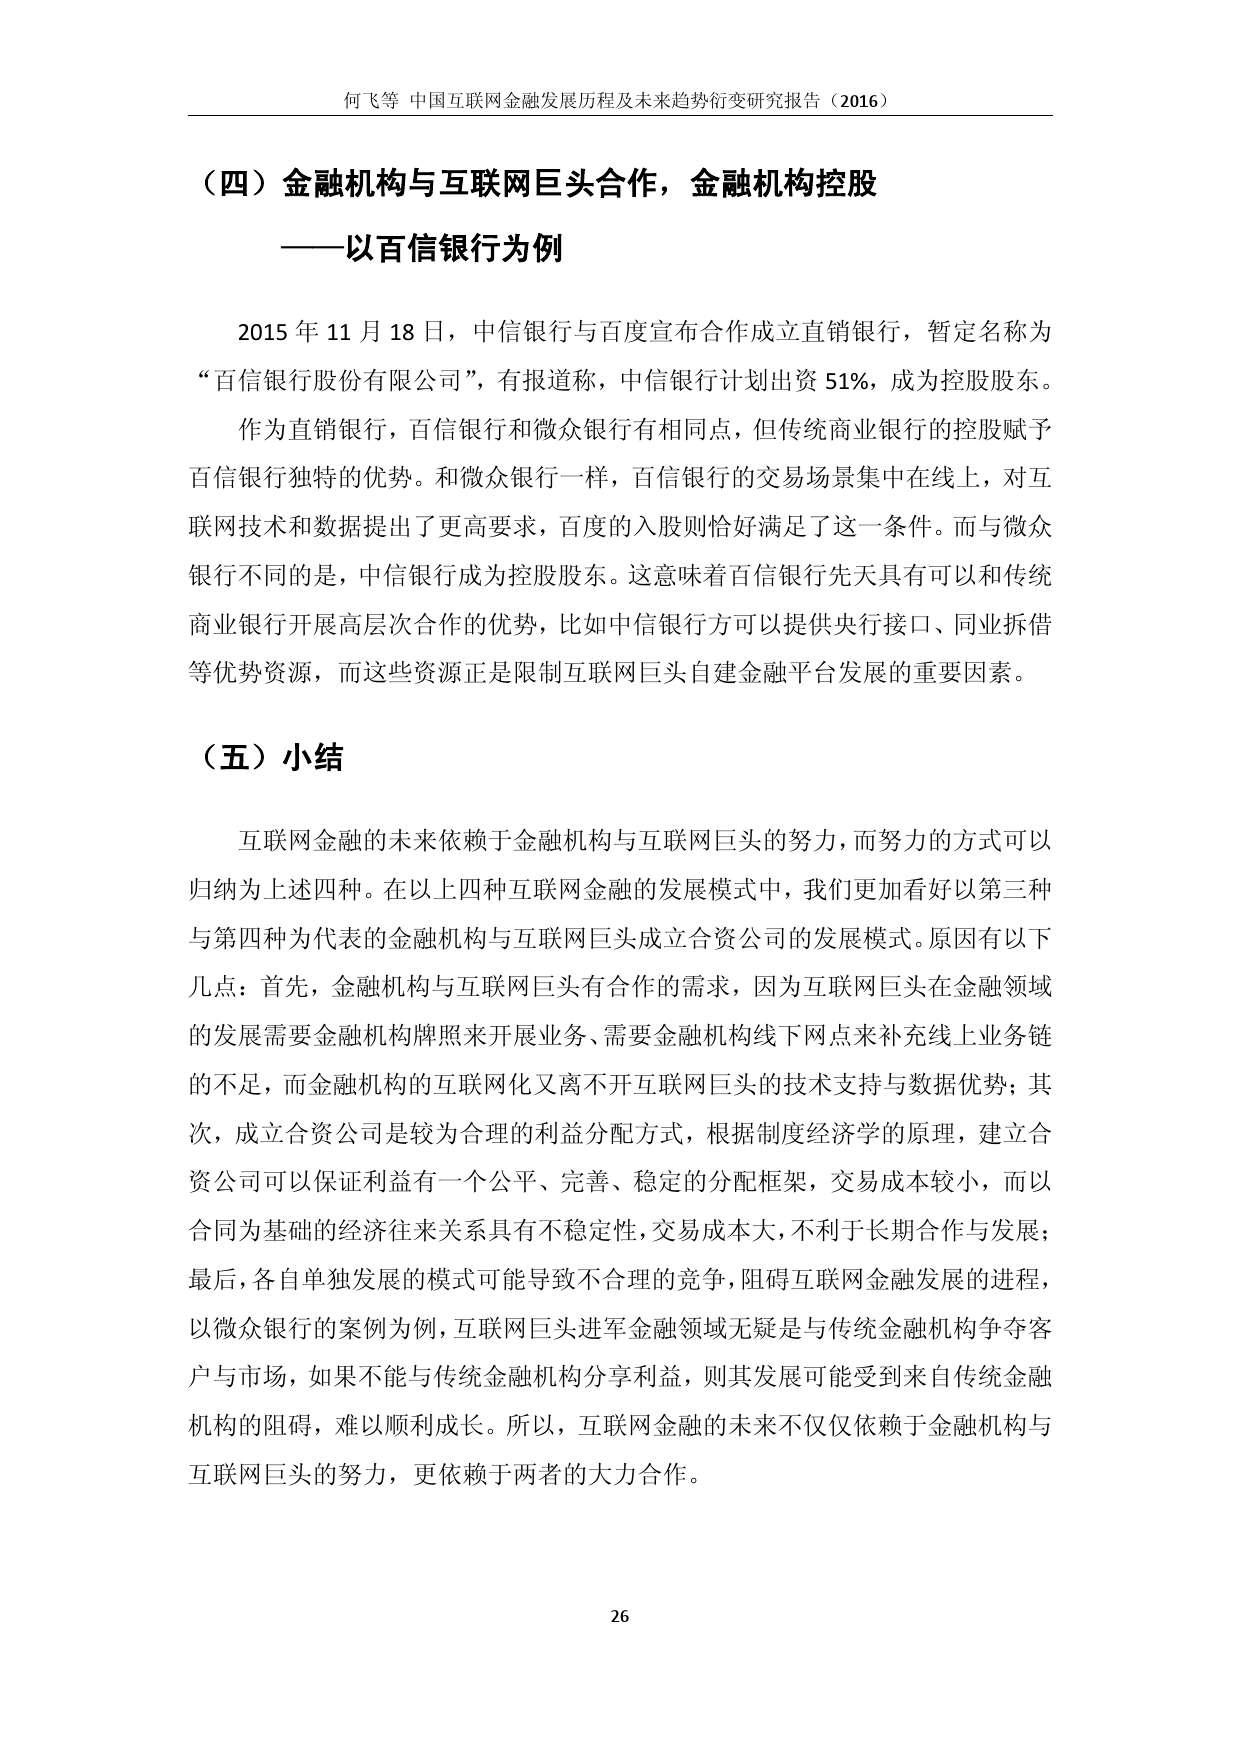 中国互联网金融发展历程及未来趋势衍变研究报告(2016)_000031